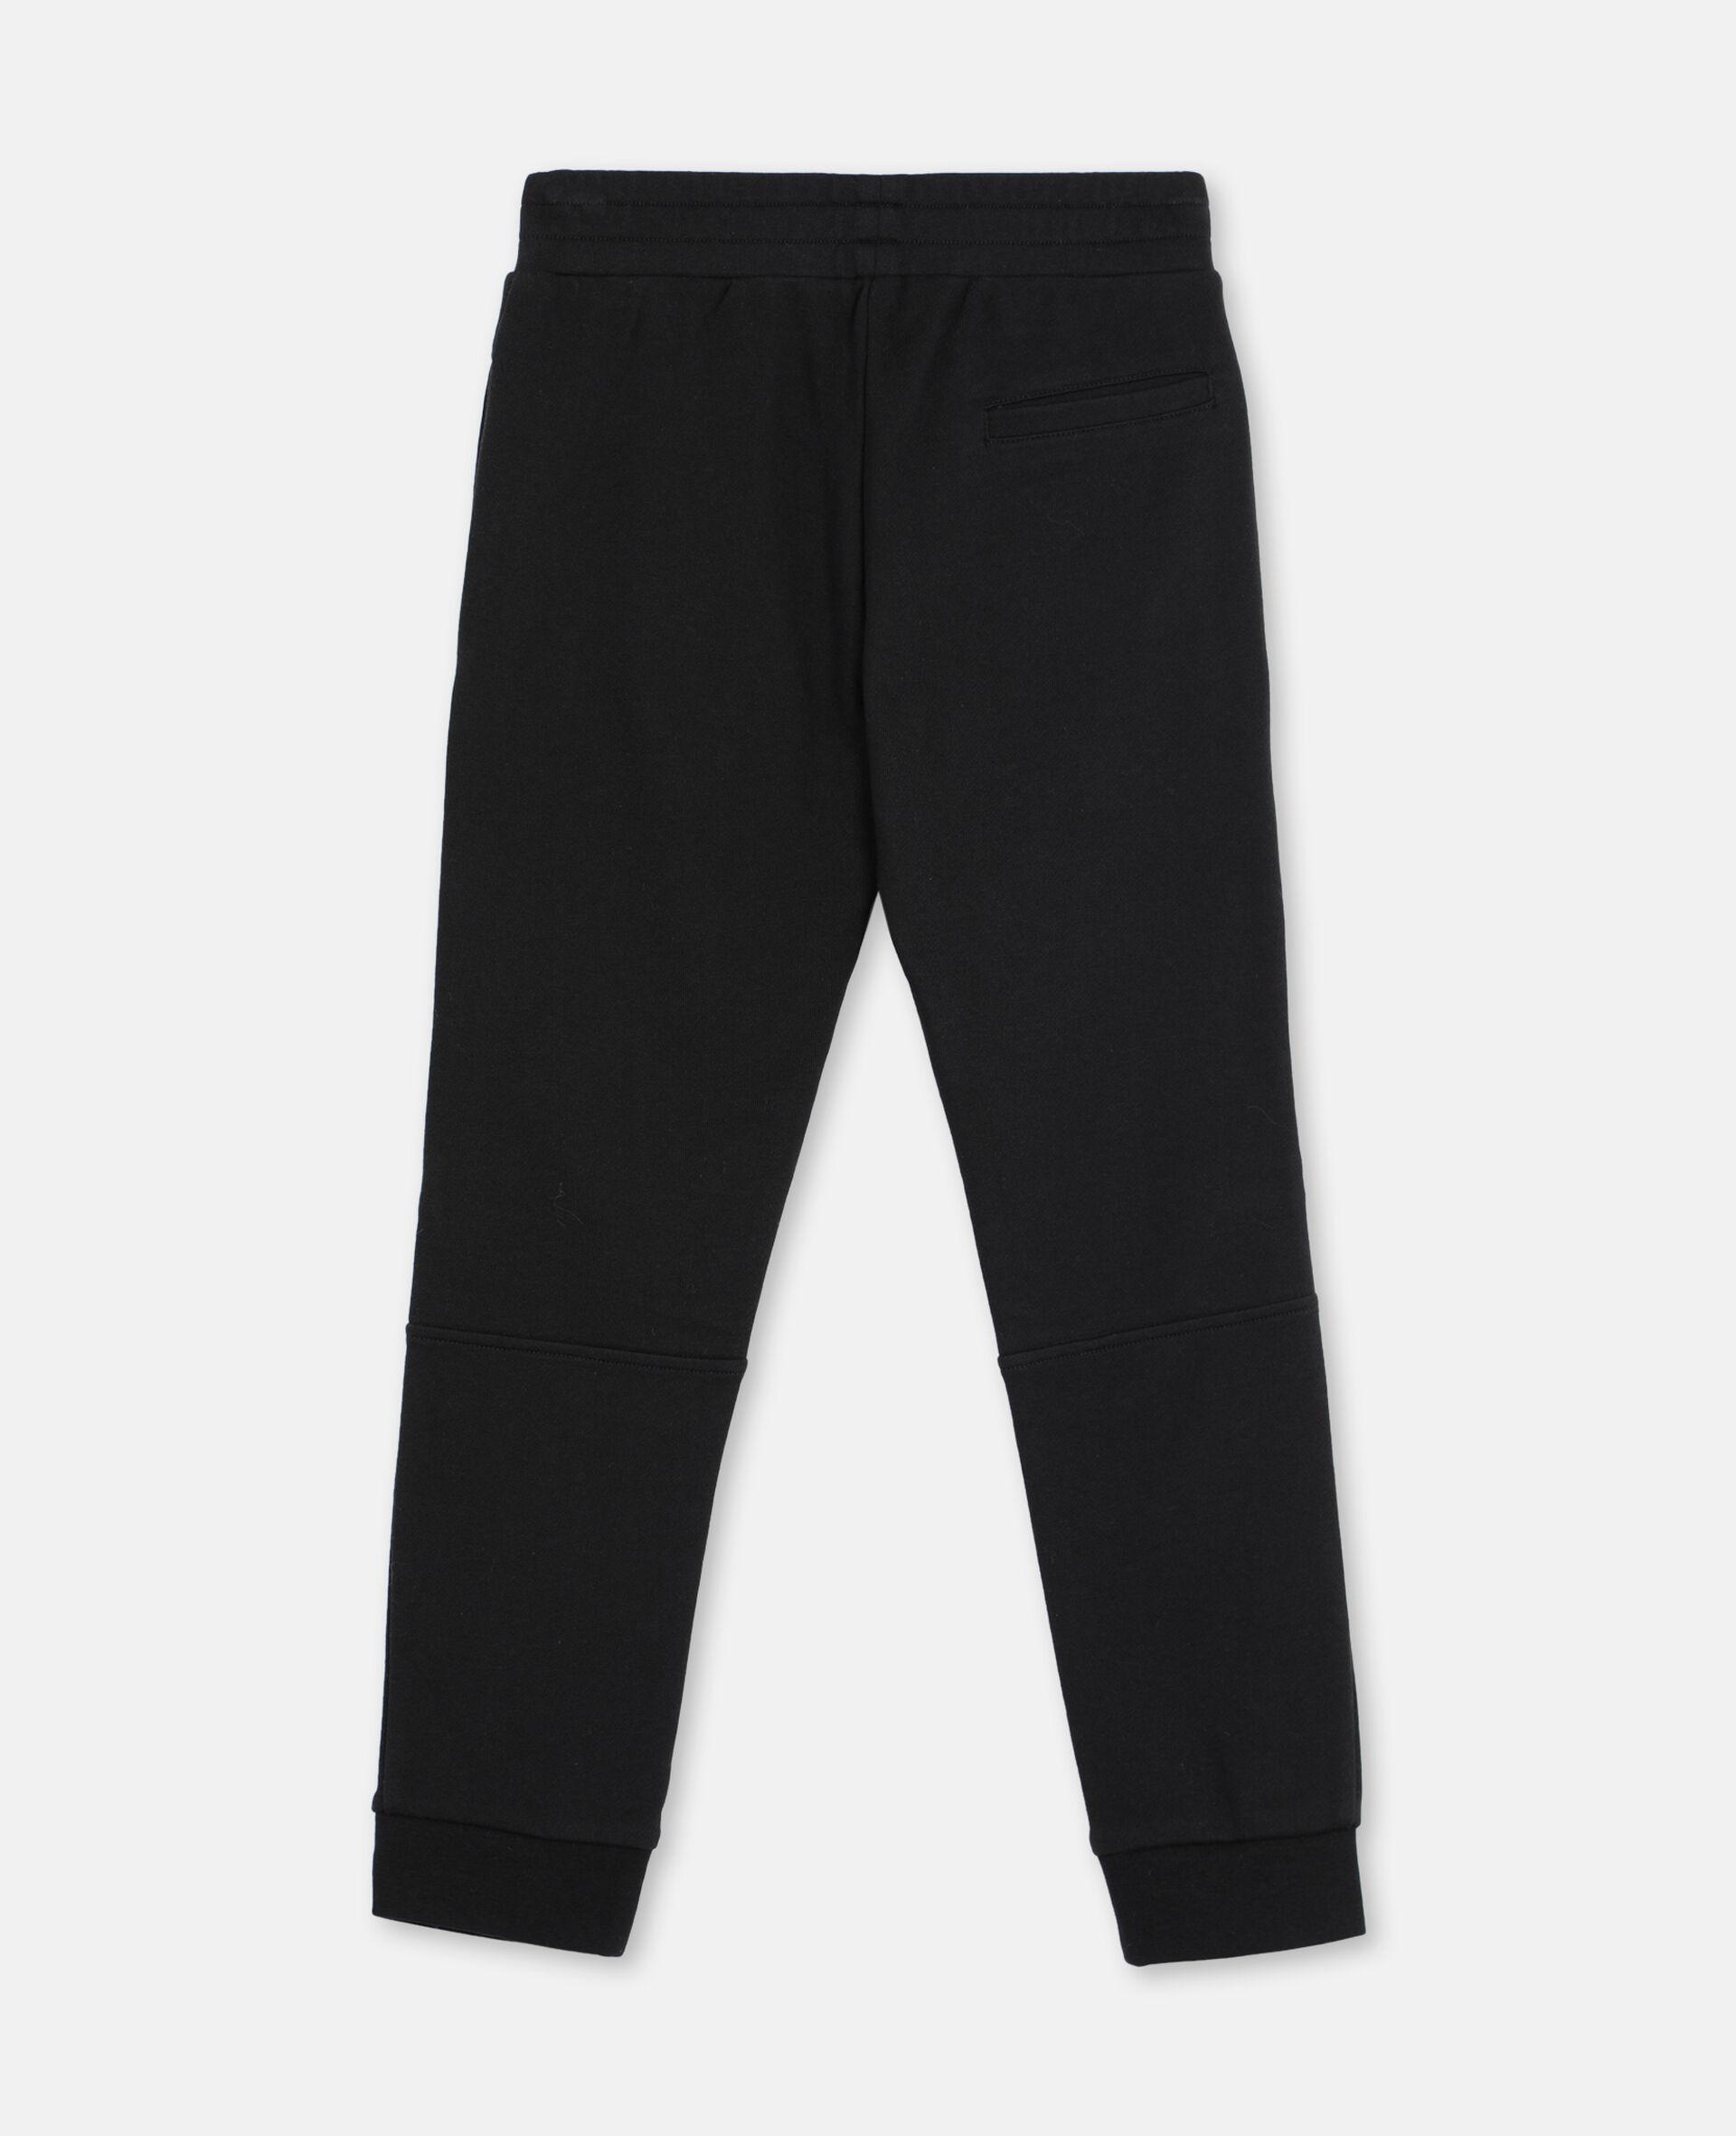 Basic Cotton Joggers -Black-large image number 3